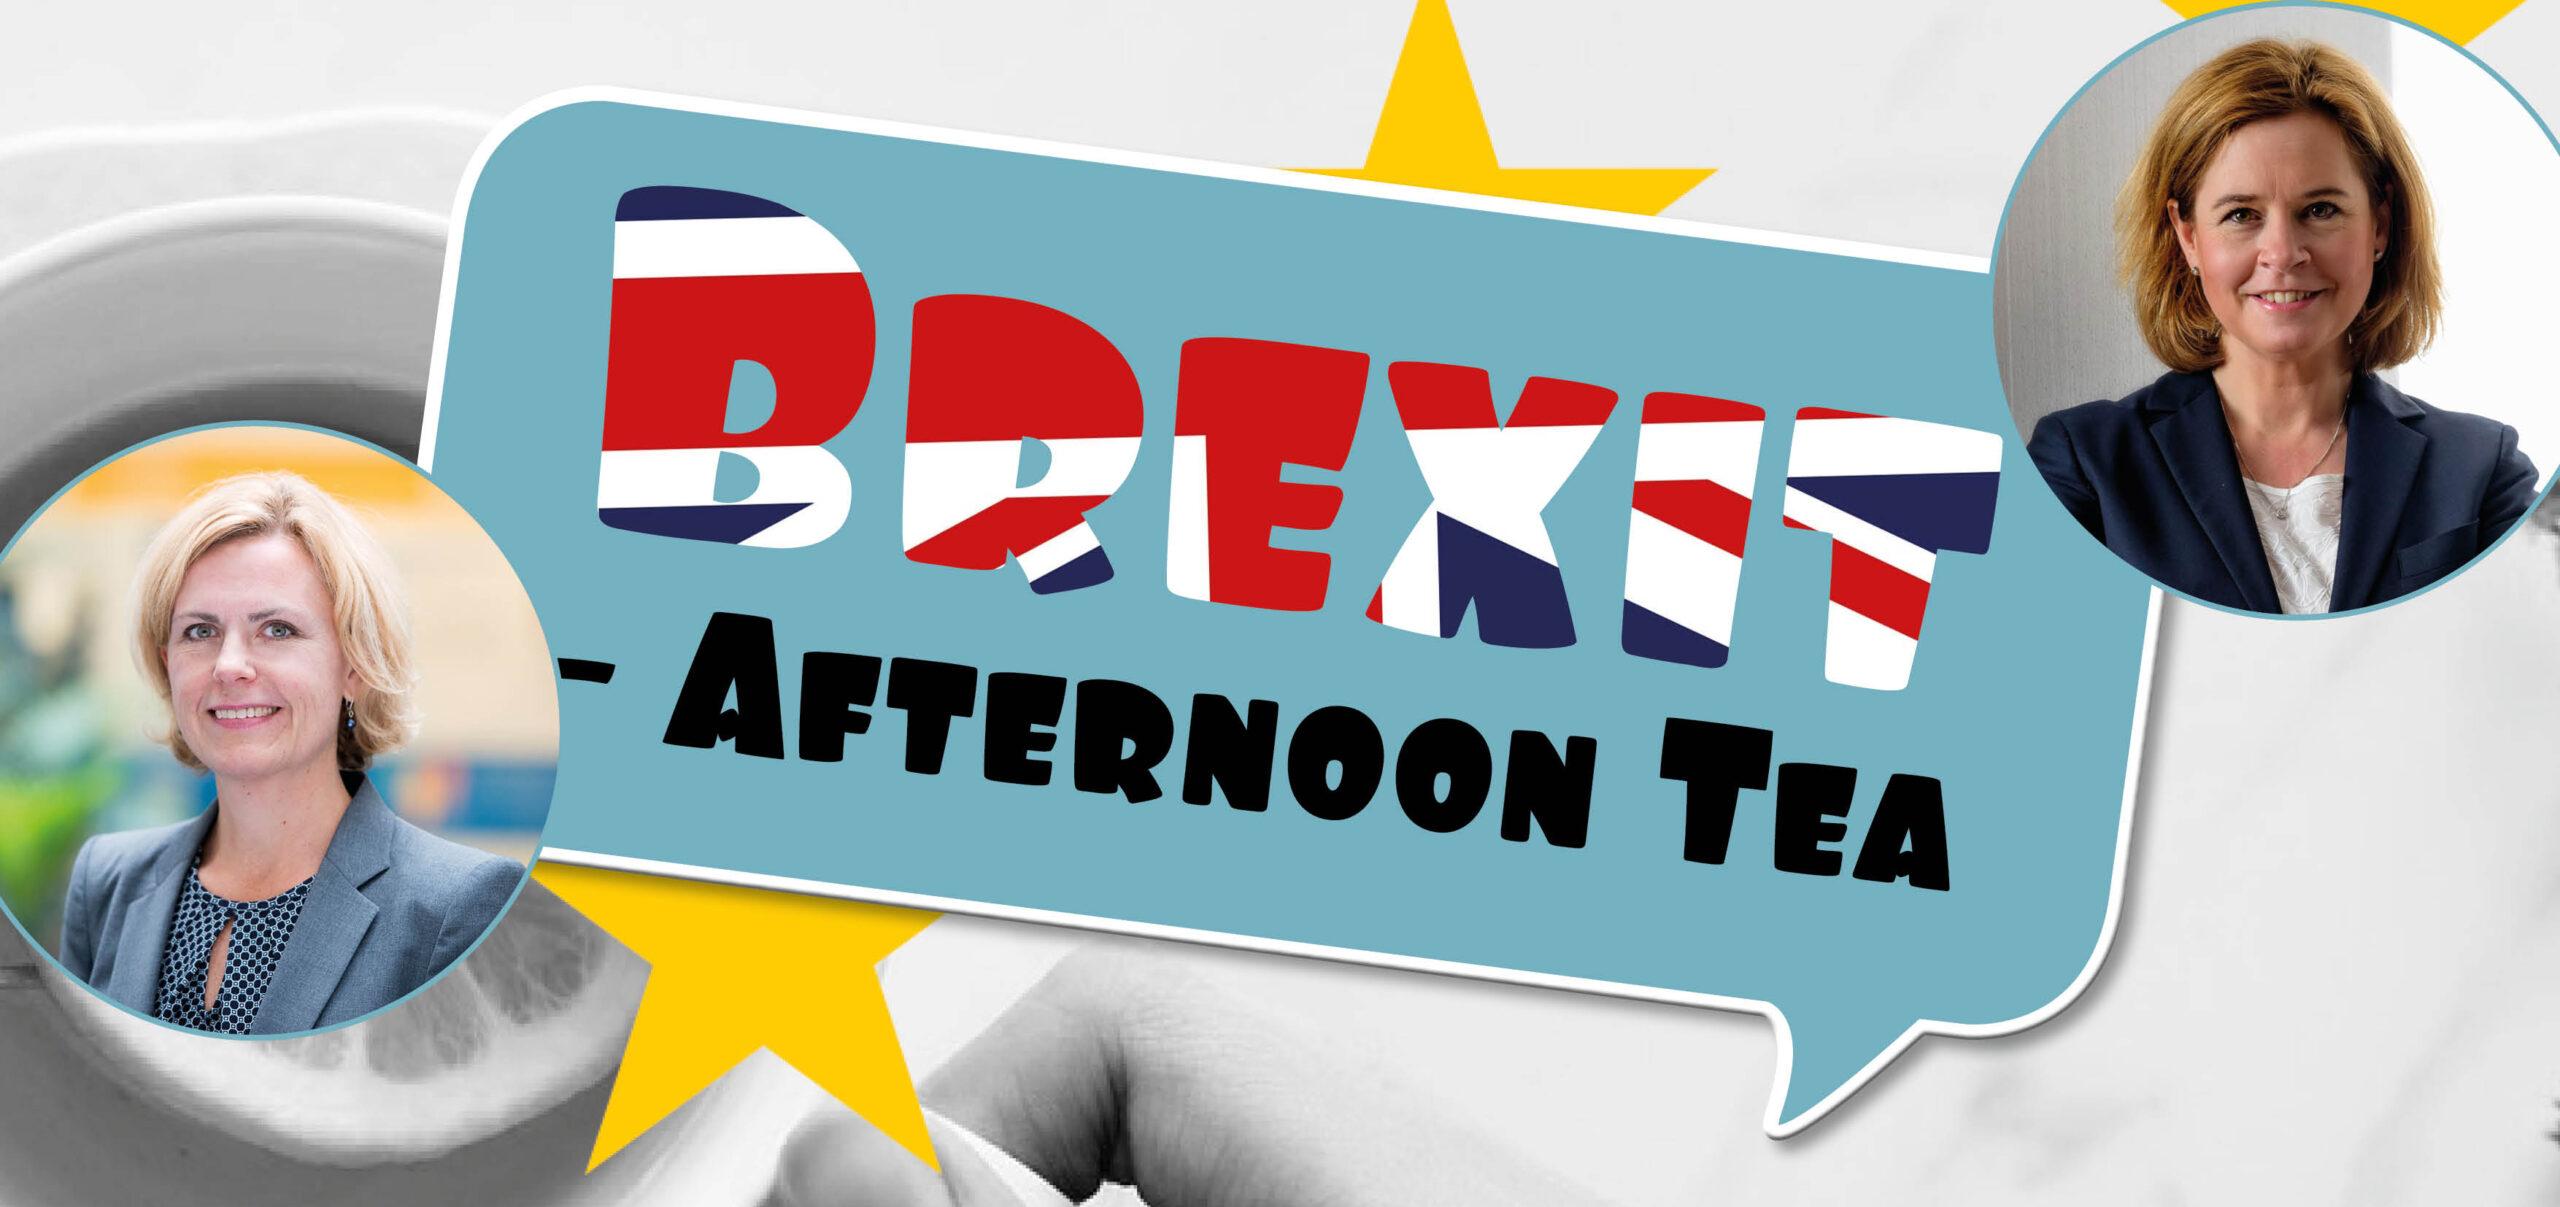 Brexit - Afternoon Tea @ Knutsalen, Ystads Gamla Rådhus